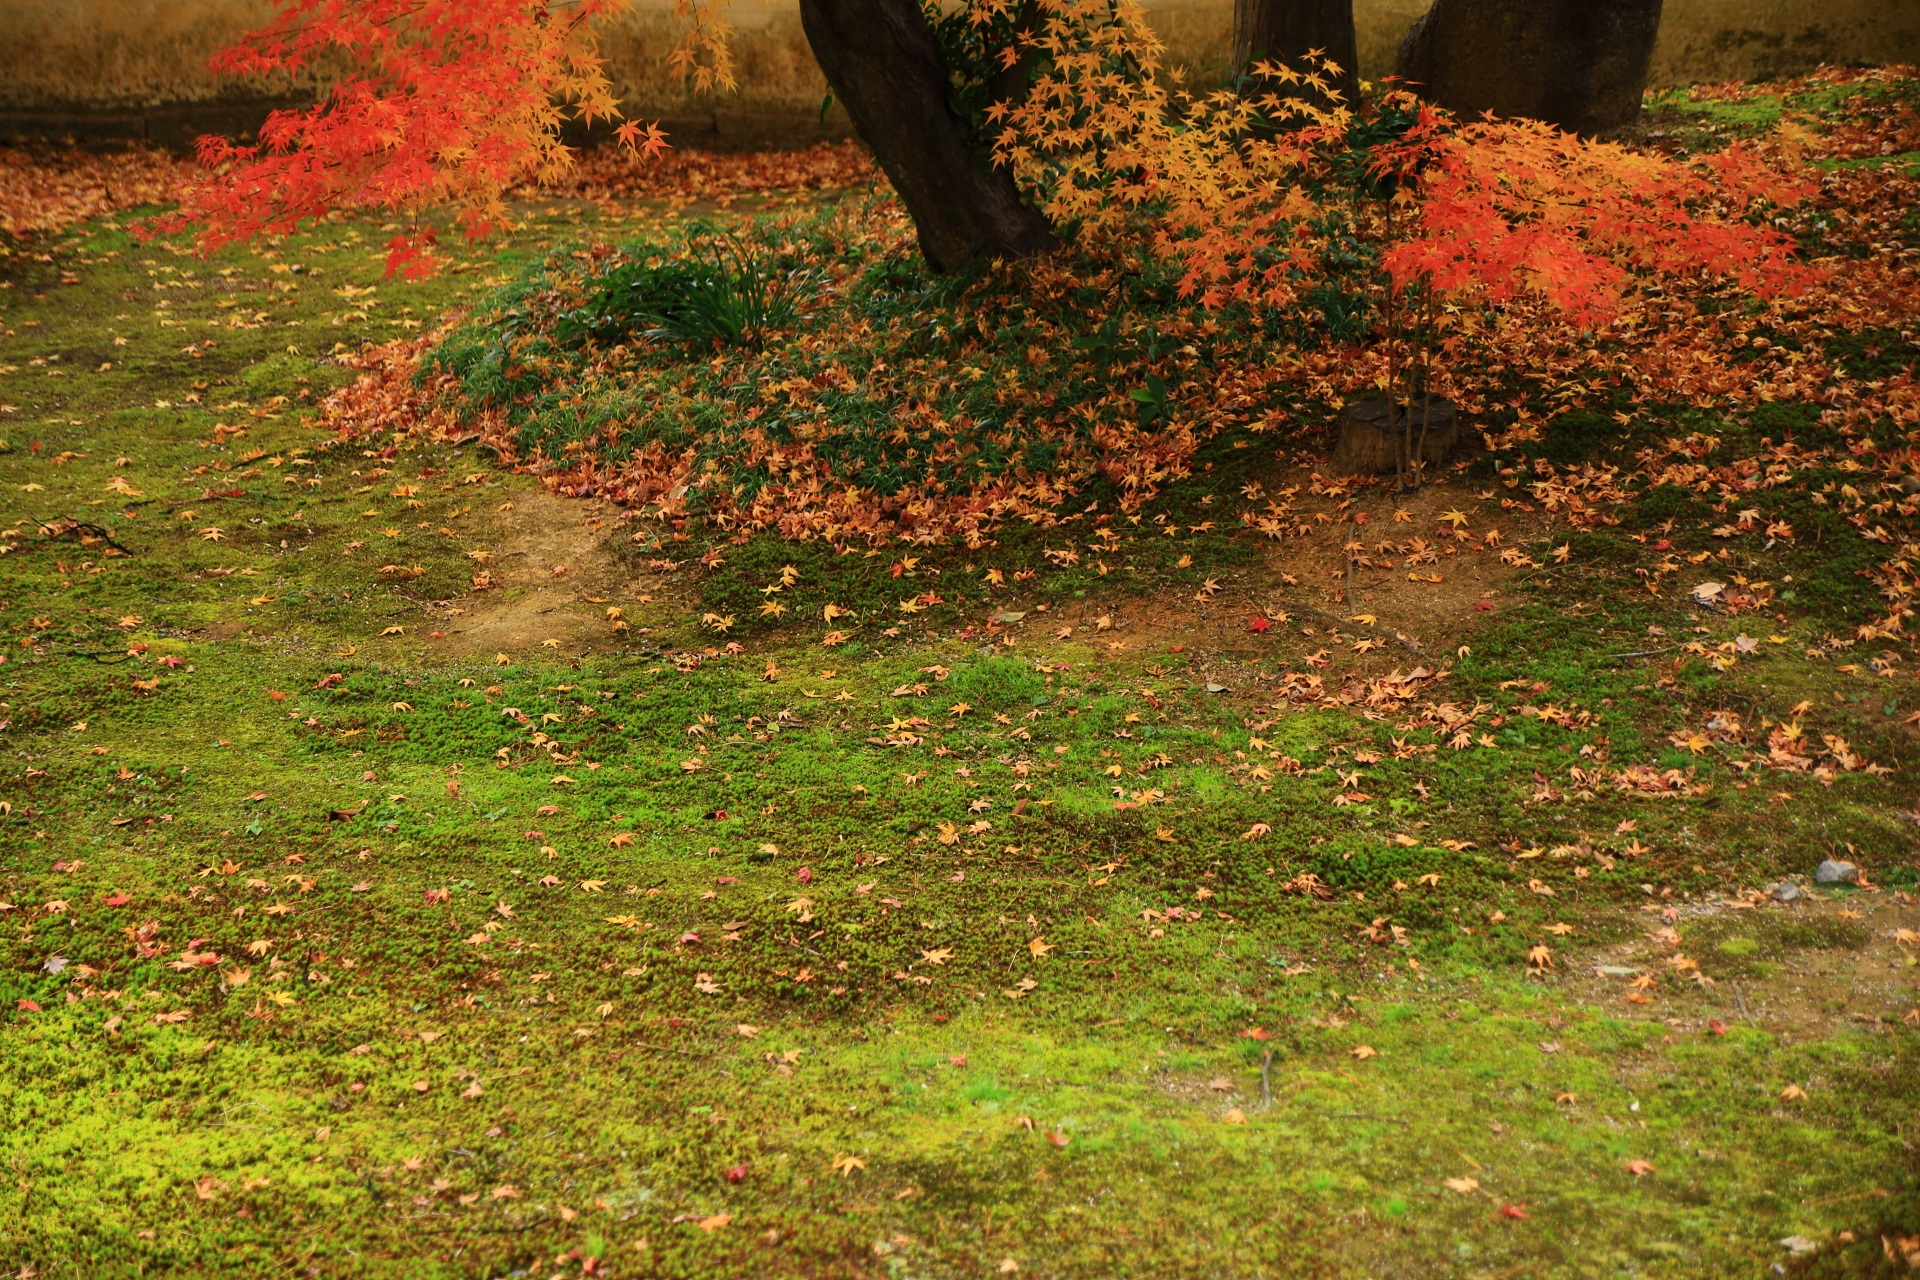 緑の苔を華やぐ可憐な散りもみじ